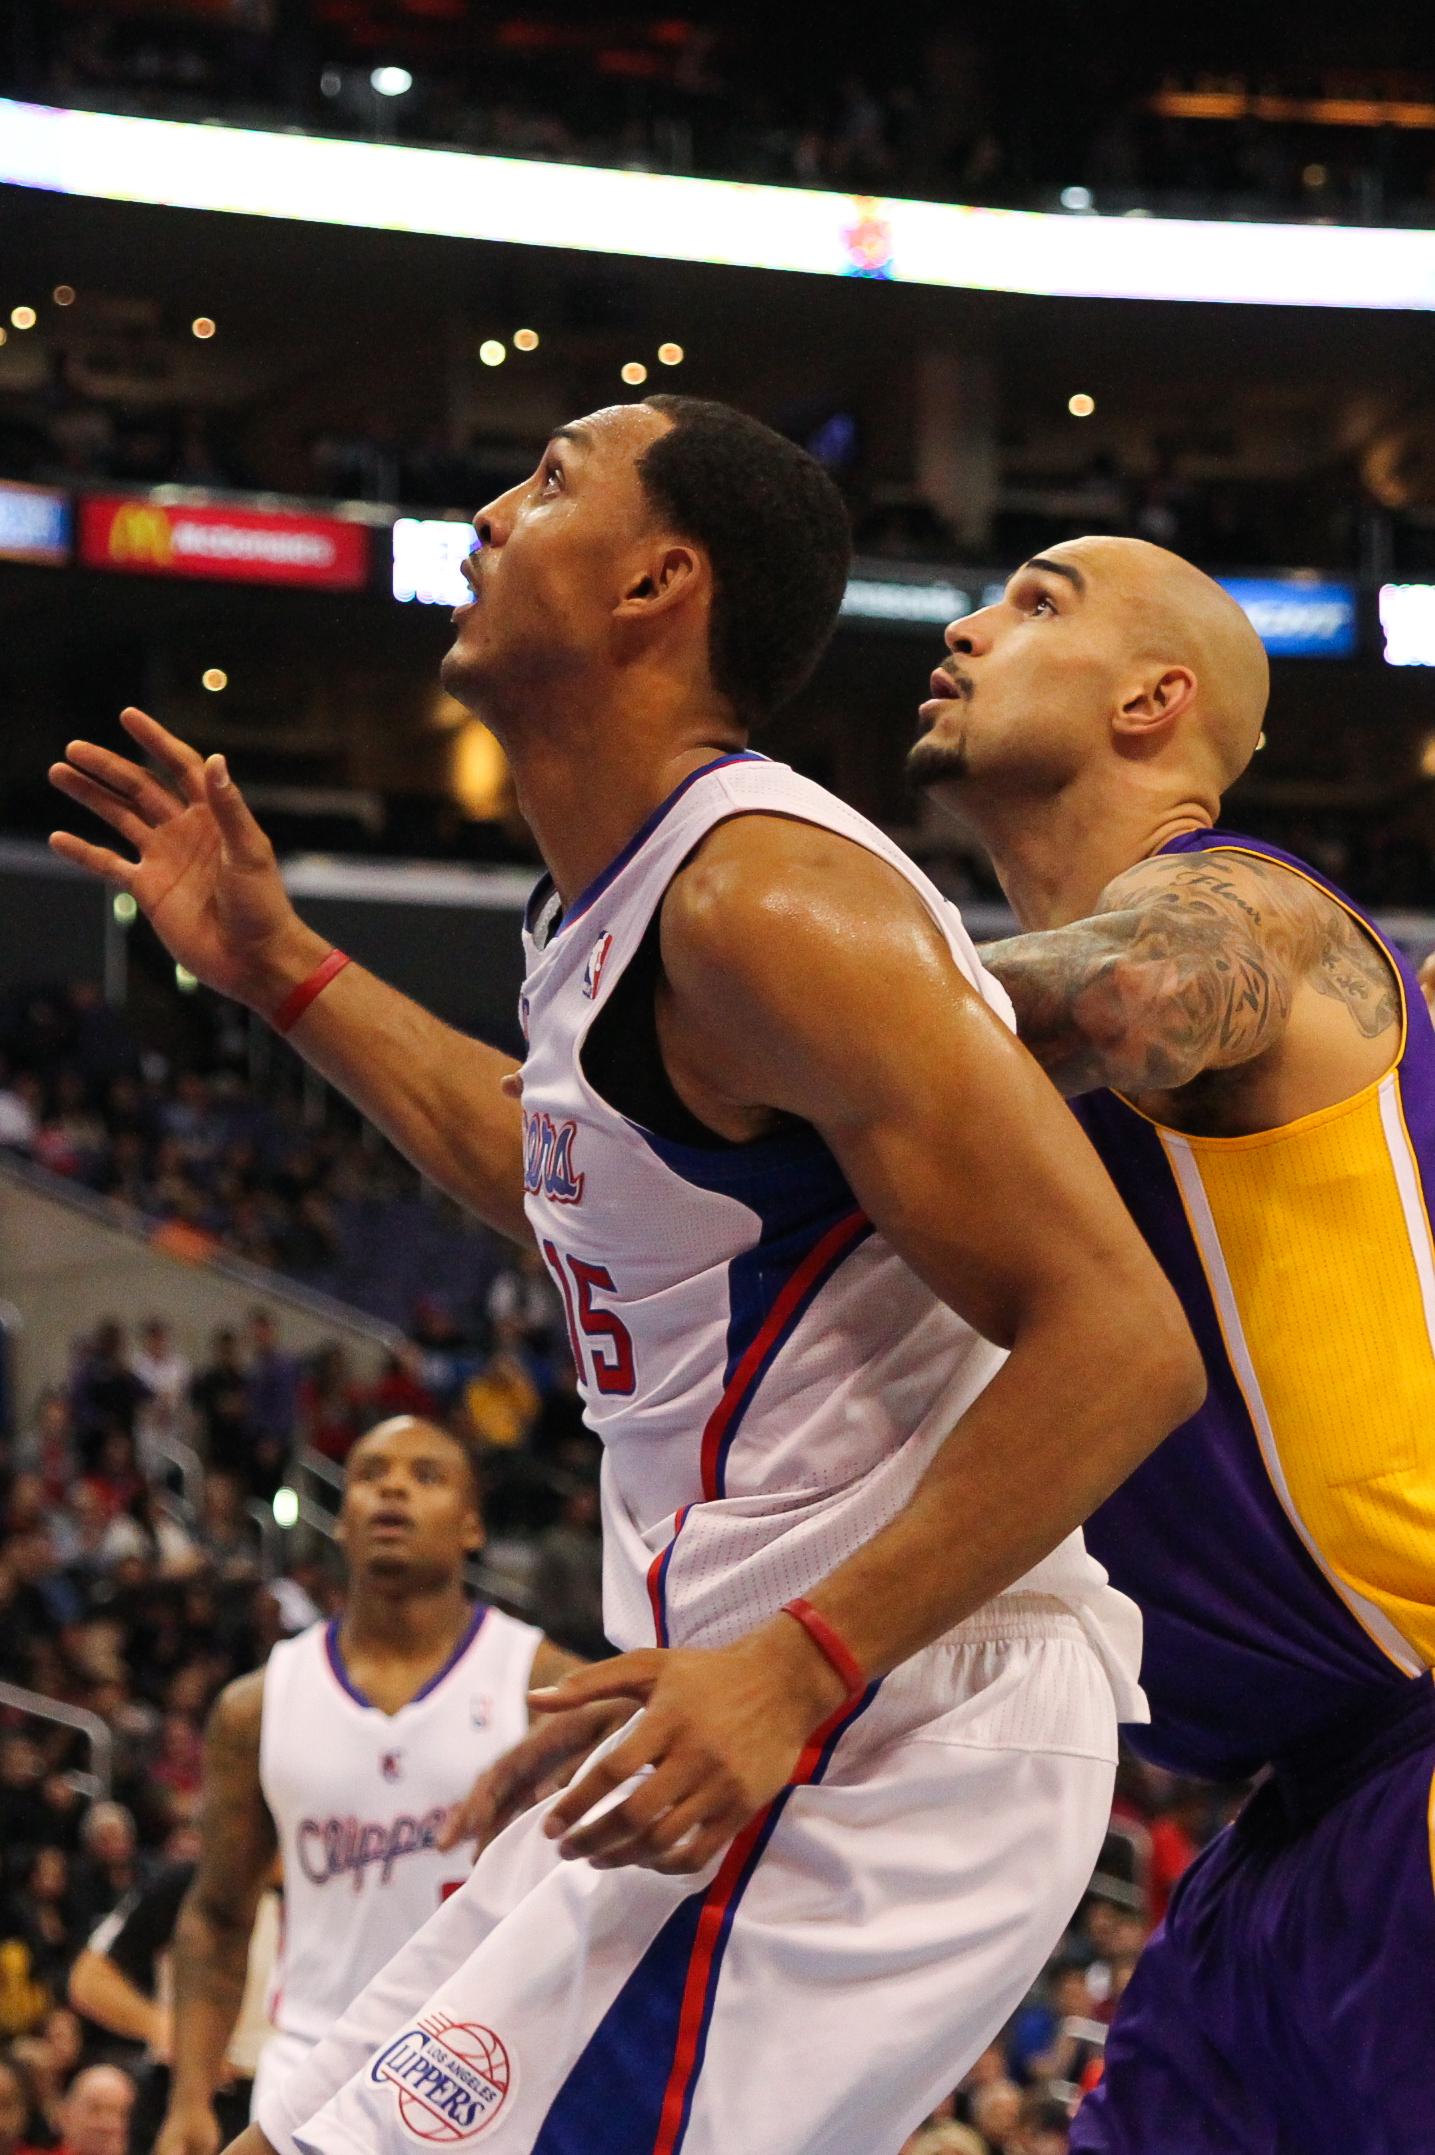 Photos by Varon P. Lakers-33.jpg